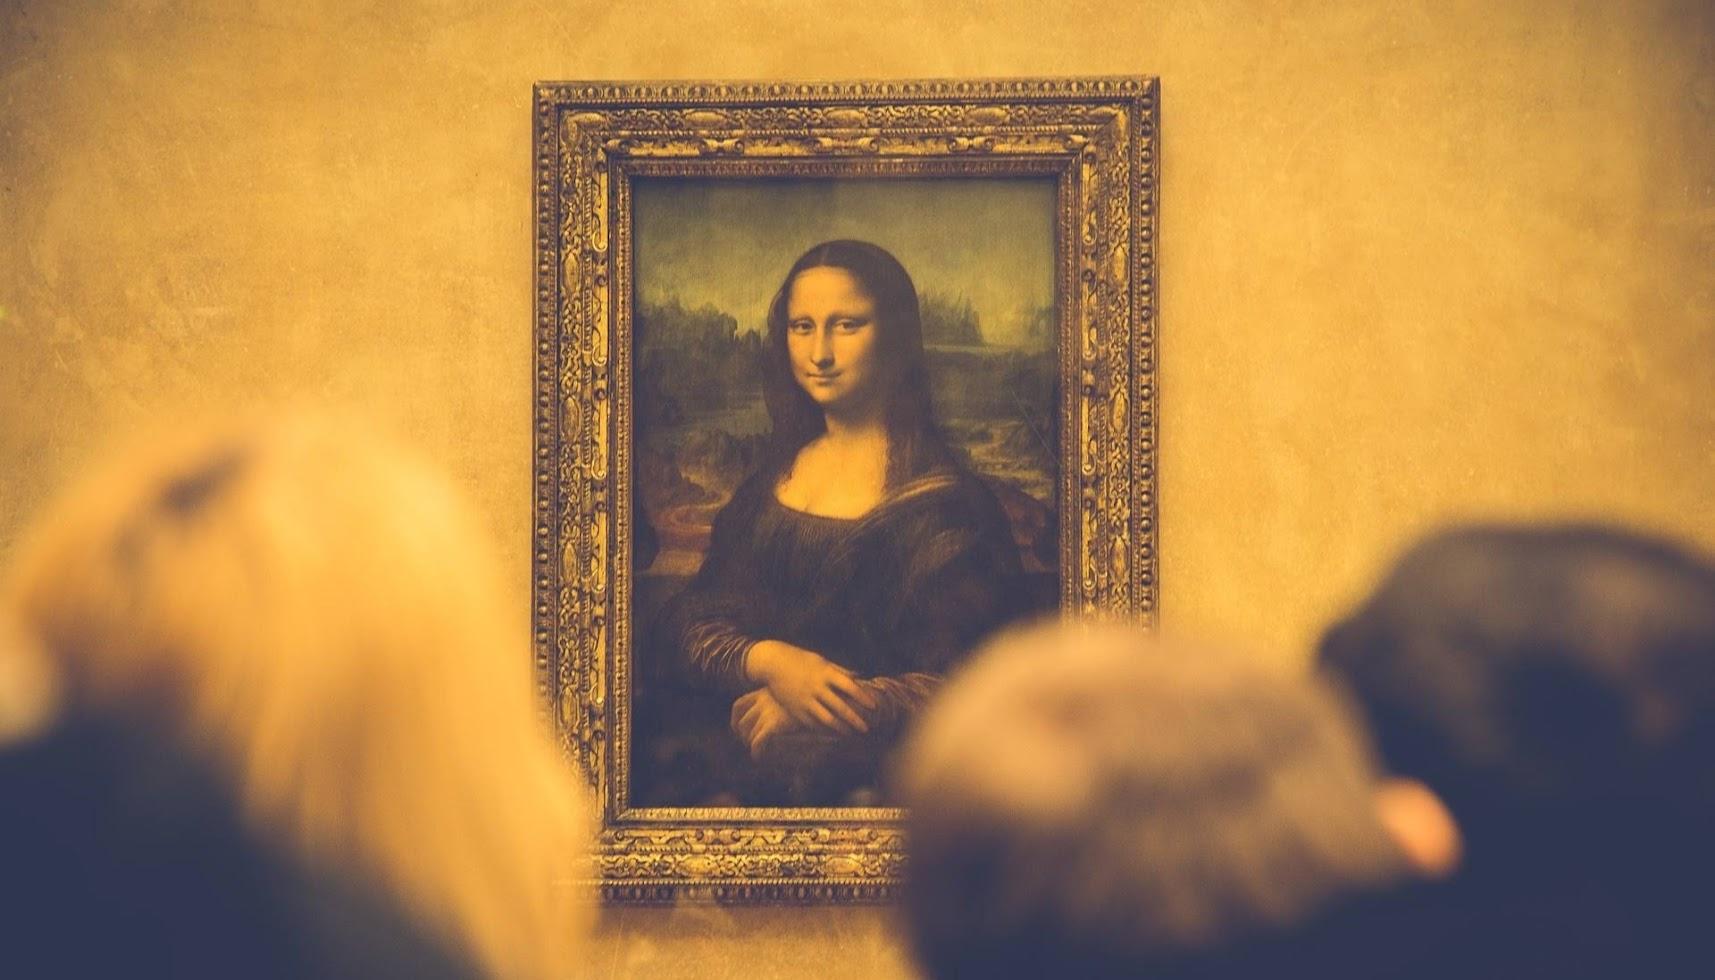 パリ観光一日コース土曜日デモルーブル美術館モナリザ